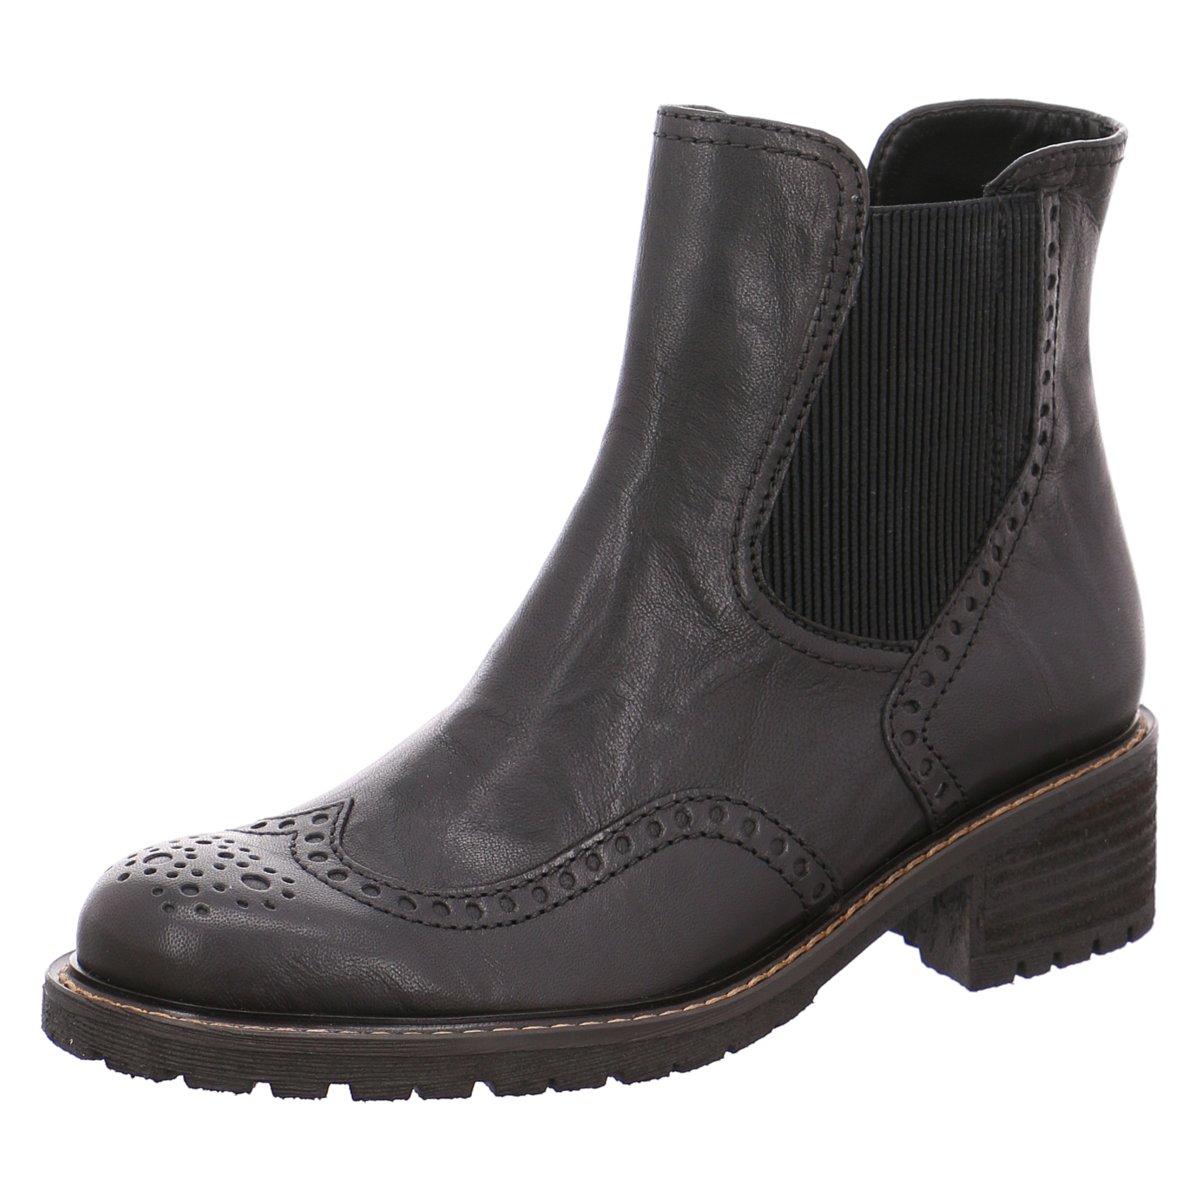 Gabor Damen Stiefeletten Kreta -G- 76.091.17 schwarz 334227